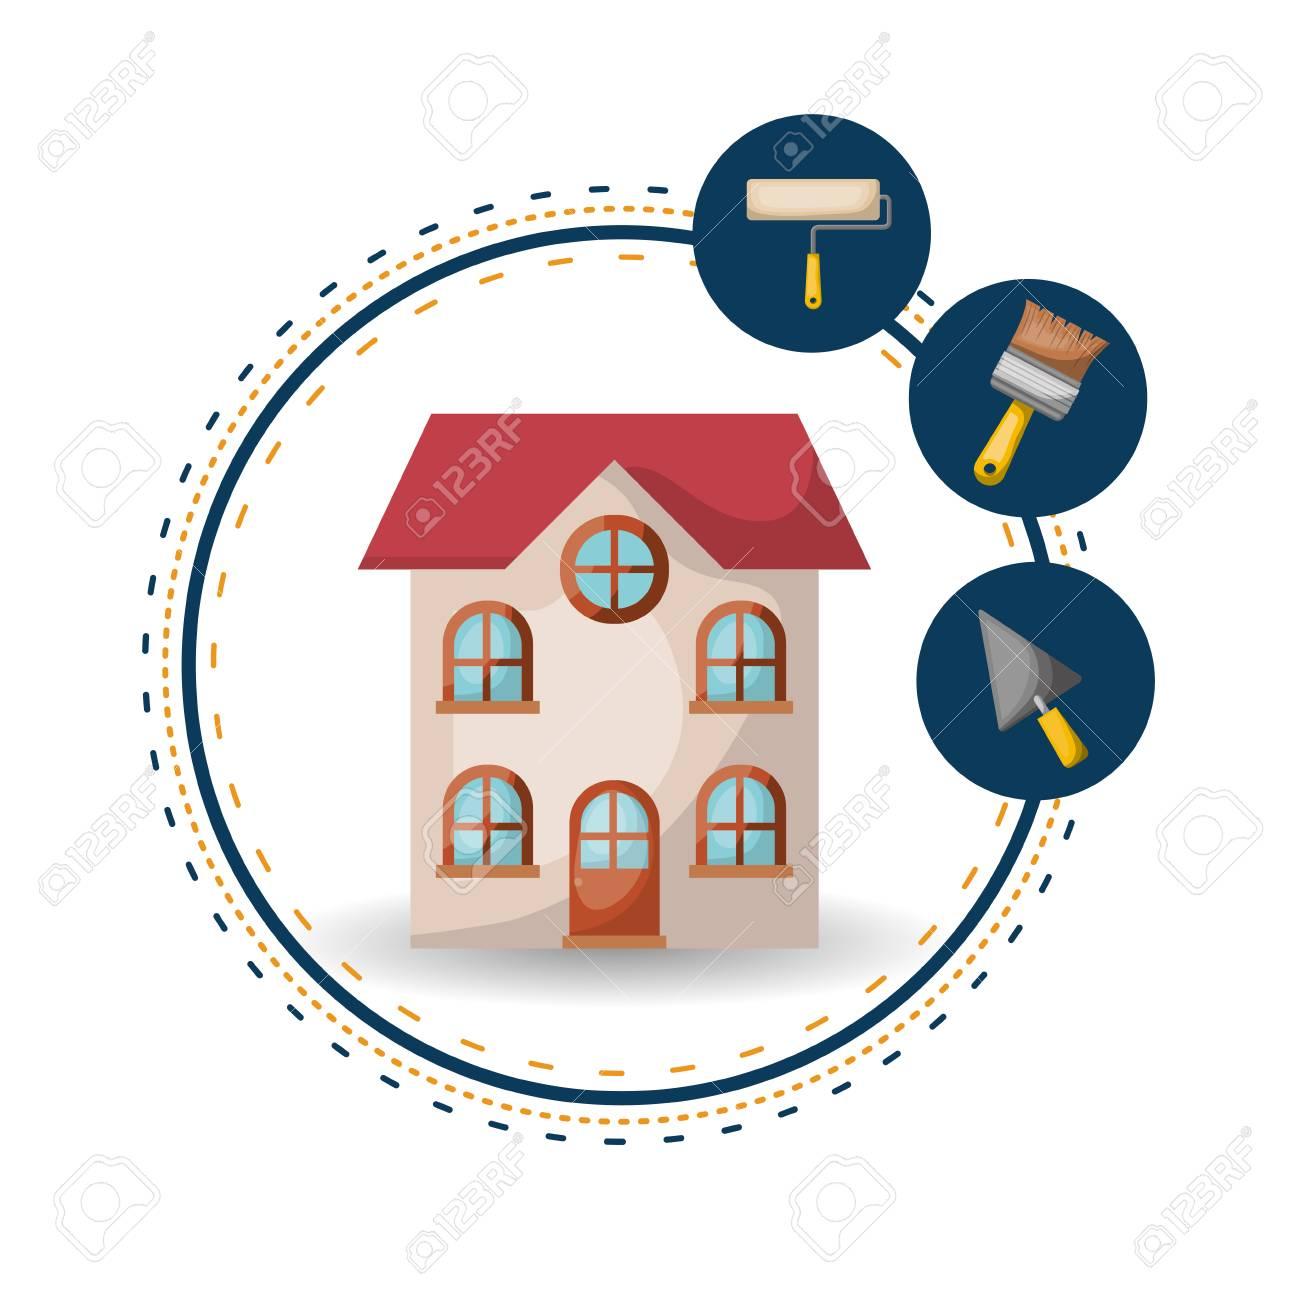 Haus Mit Kreisförmigen Rahmen, Malerei Und Renovierung Symbol ...